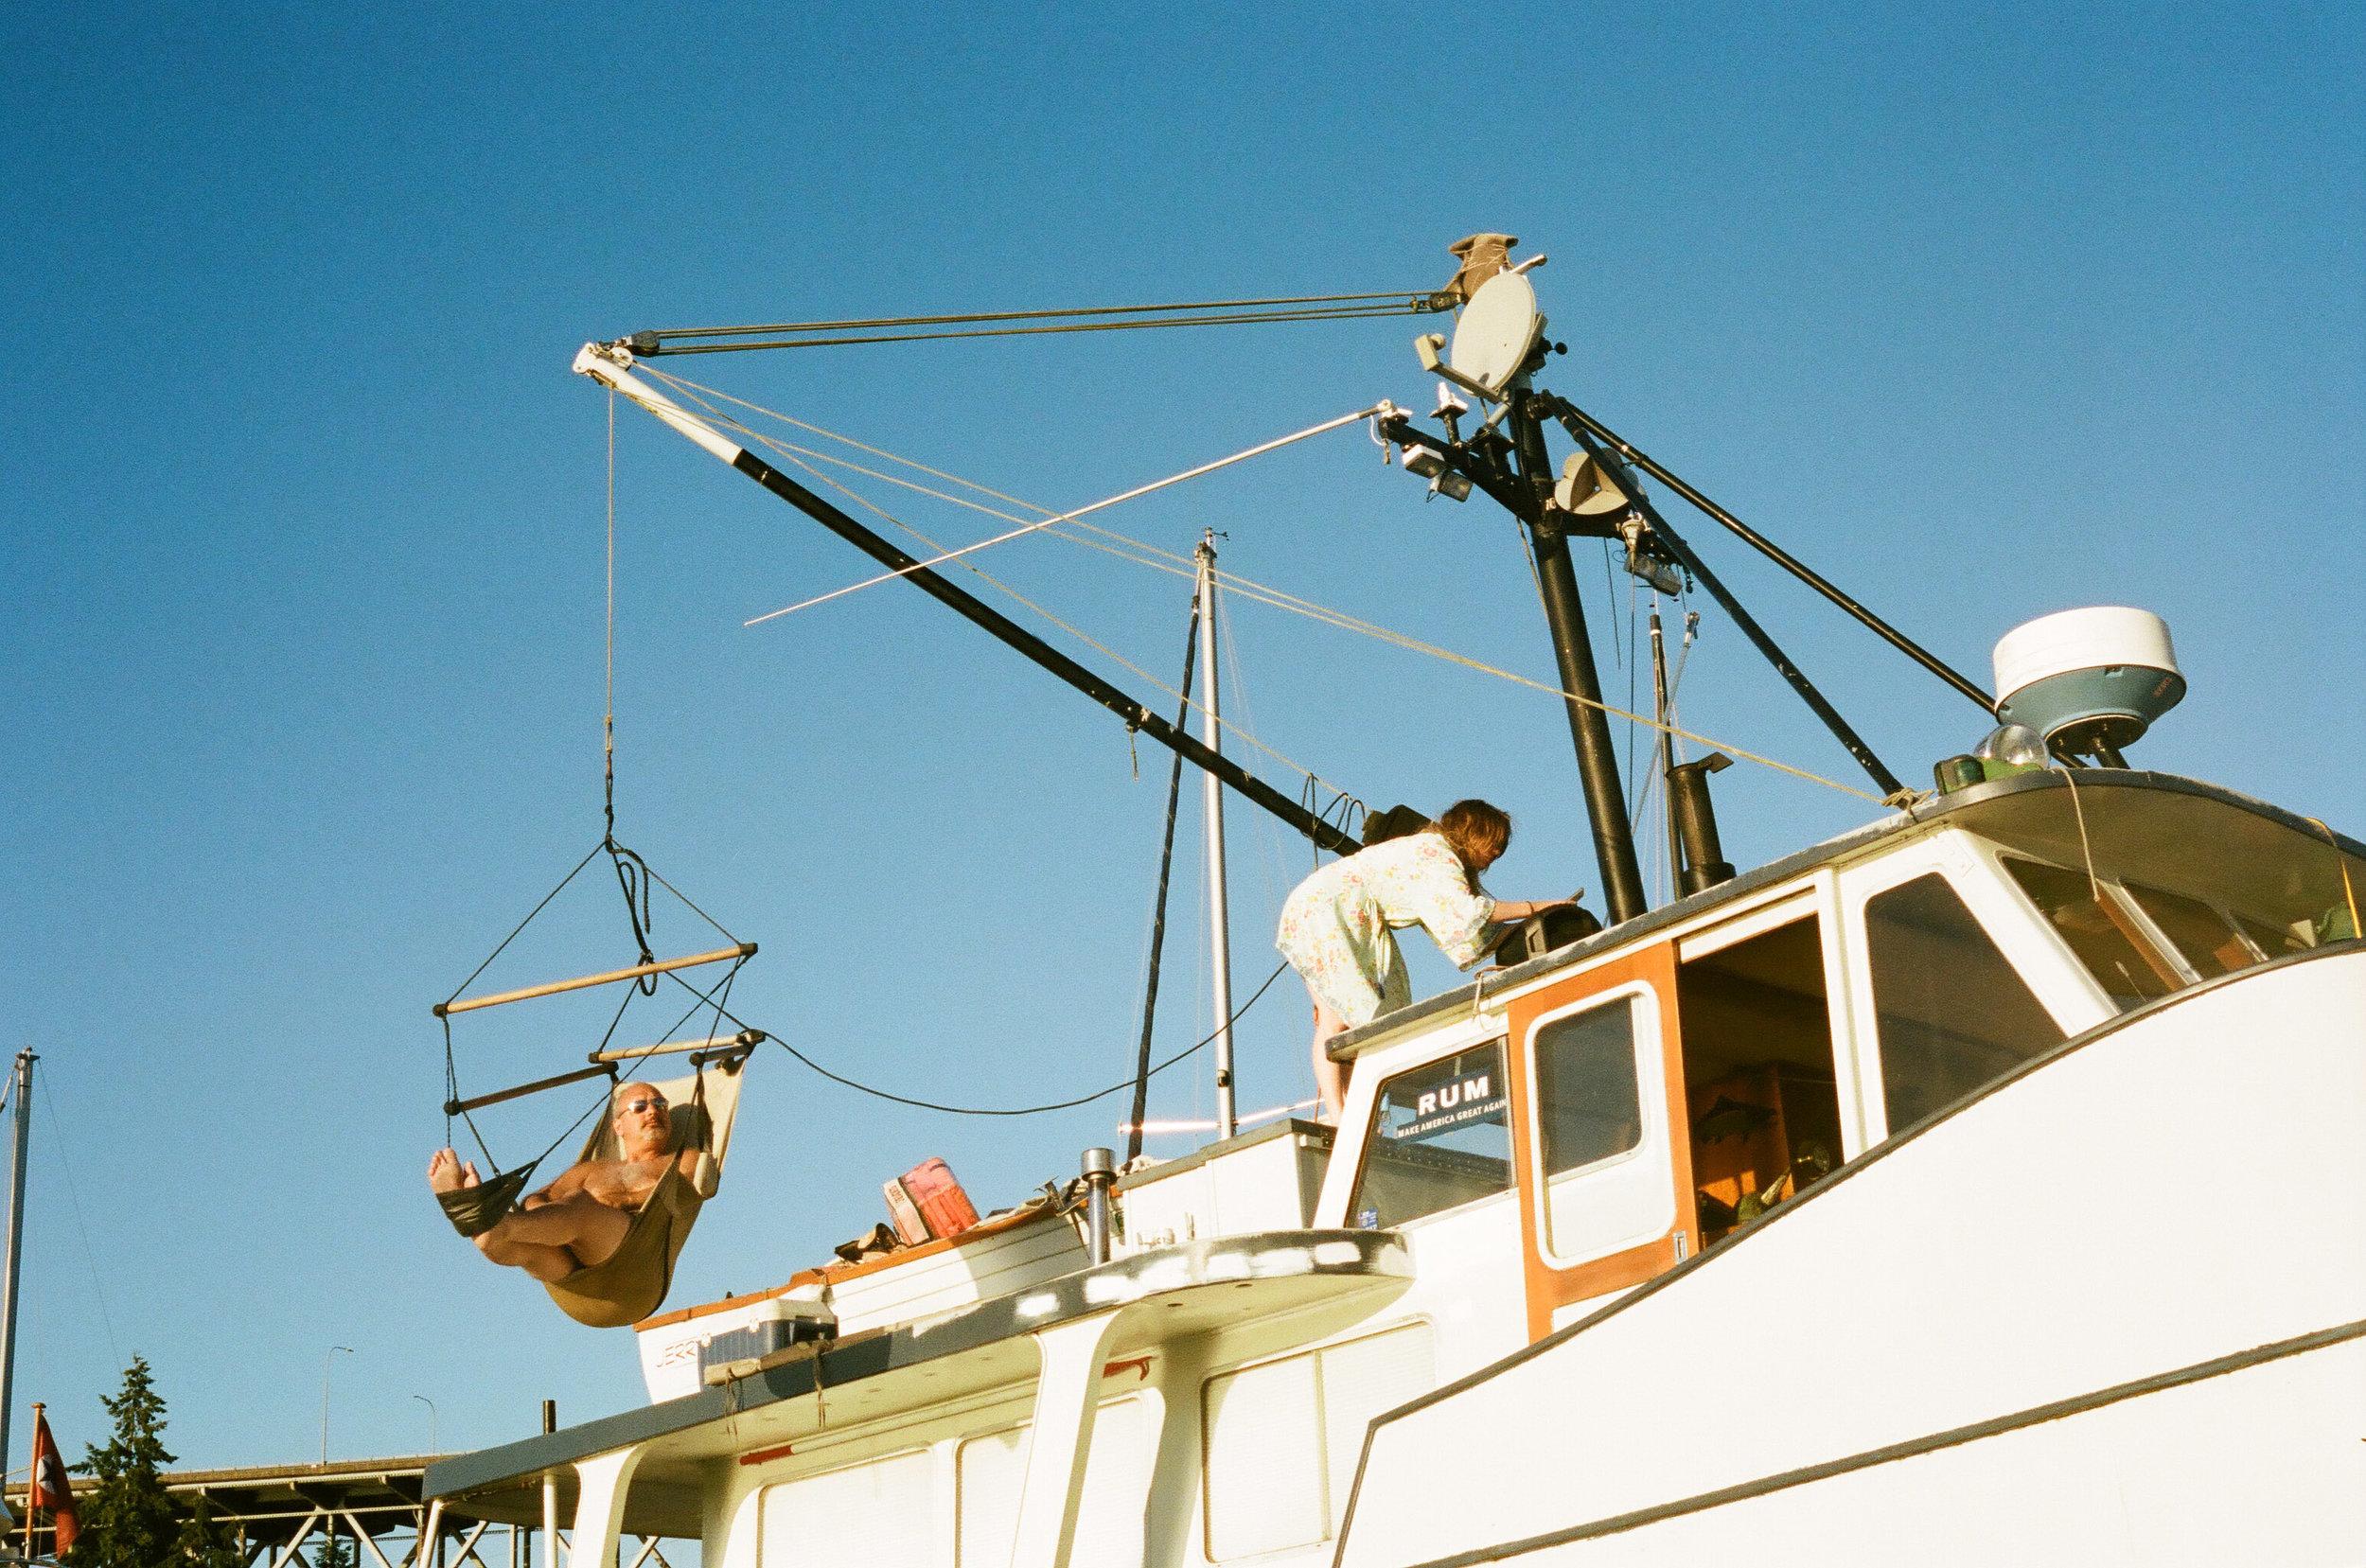 ajwells_houseboat-0001-3.jpg